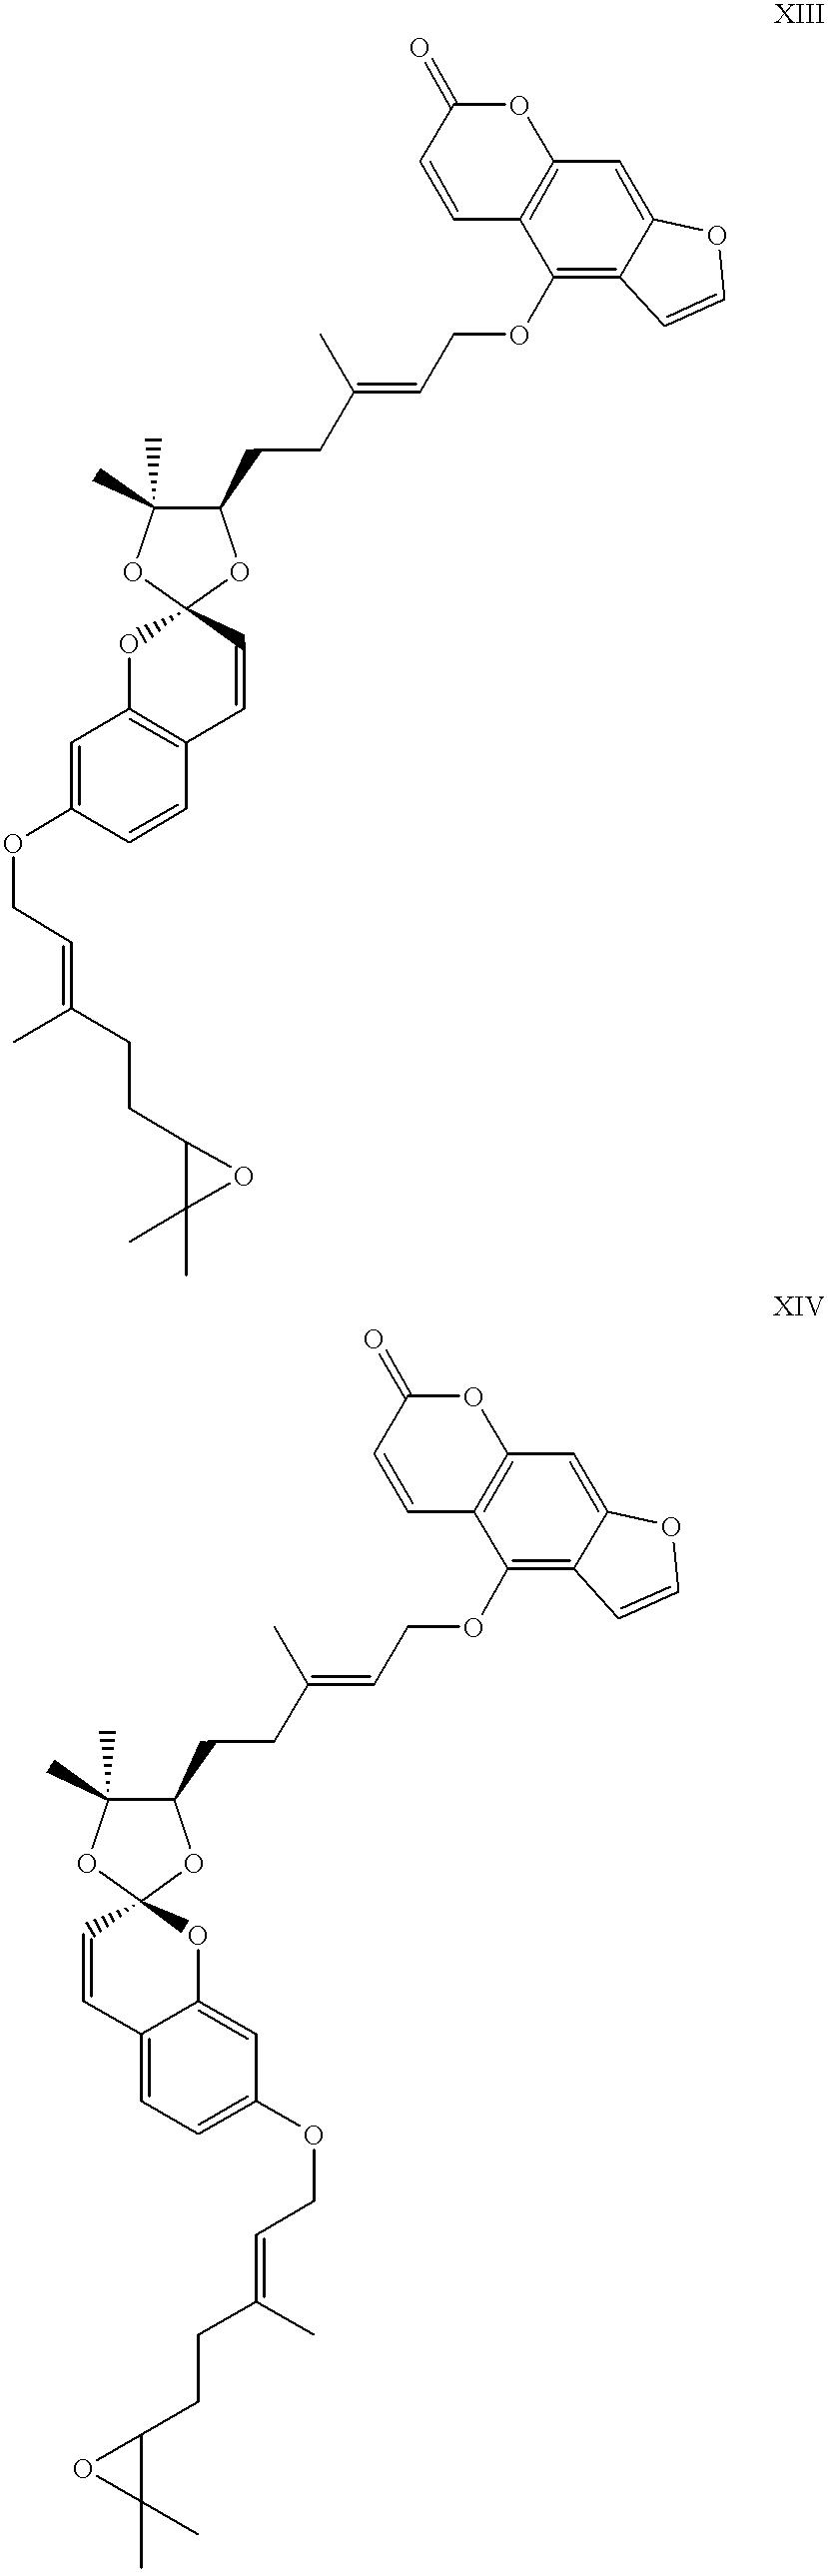 Figure US06248776-20010619-C00006